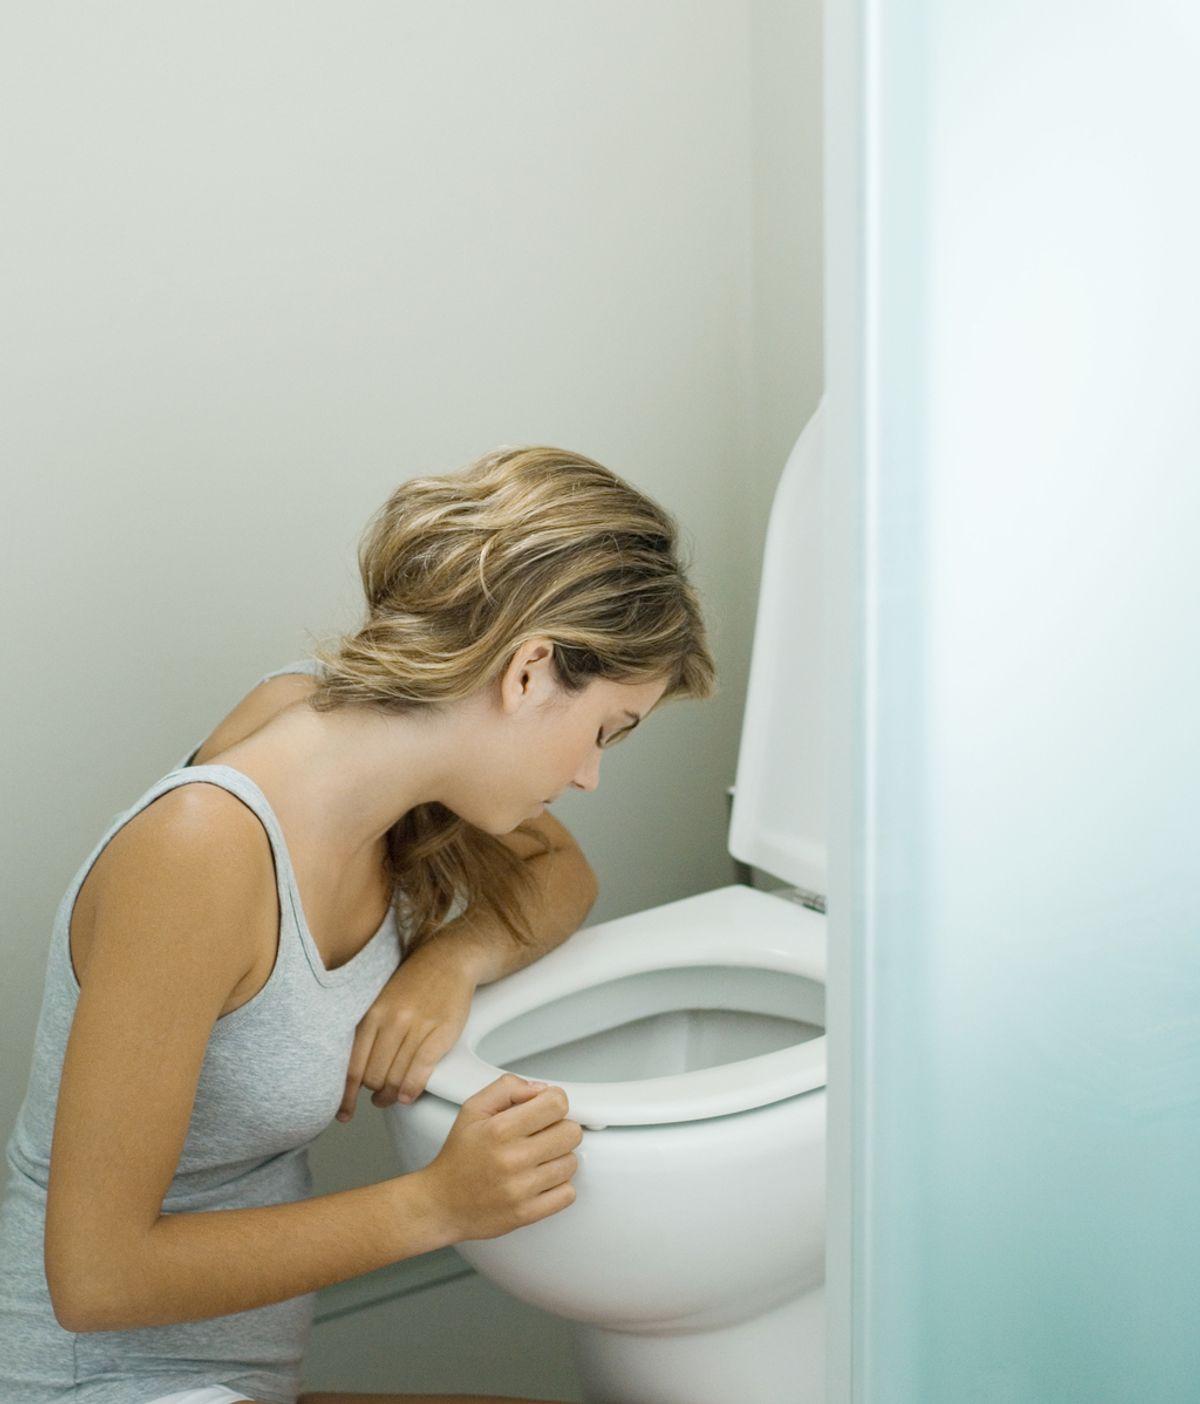 Chica con resaca en el baño